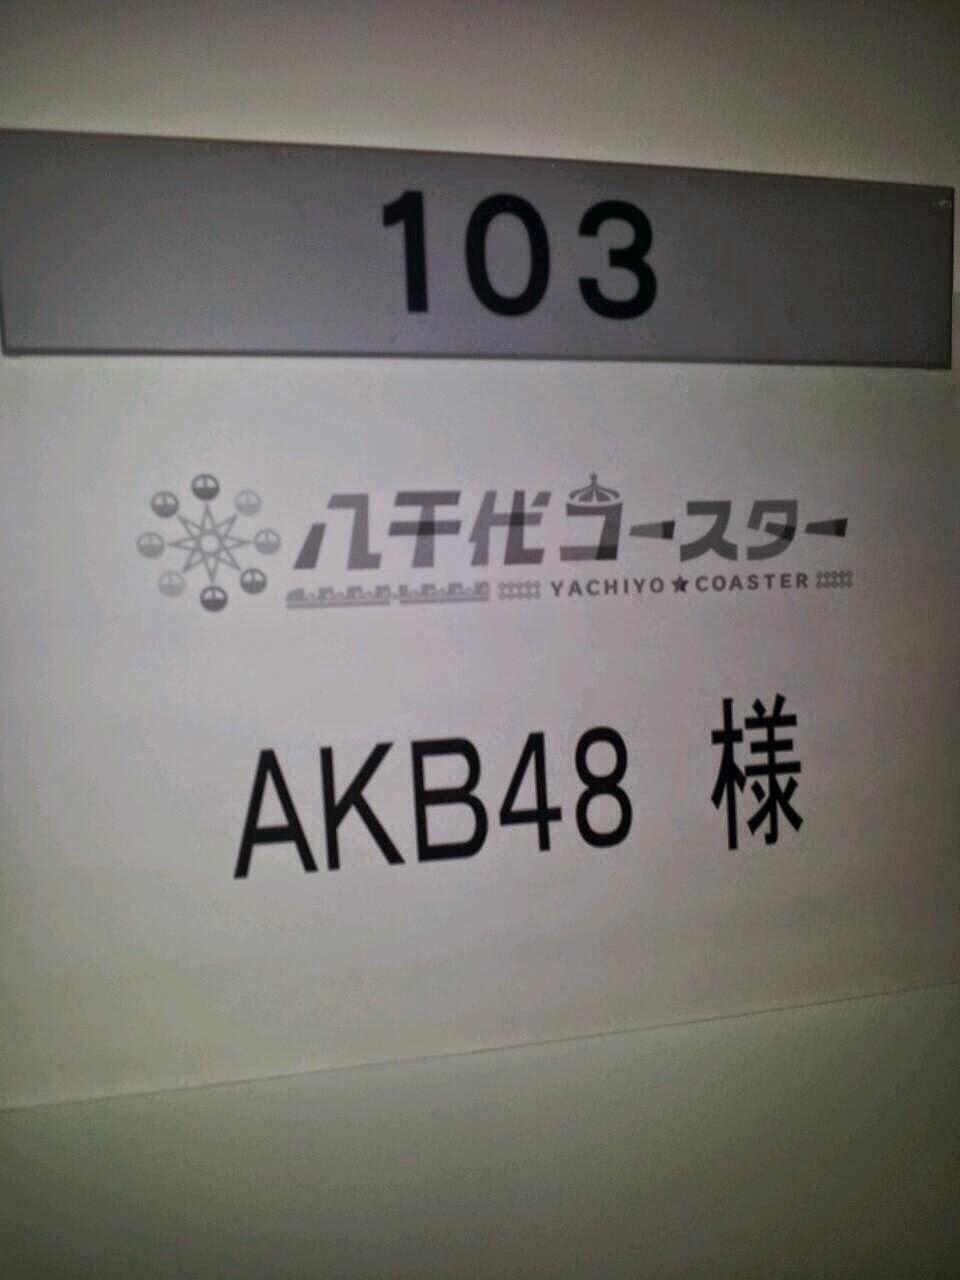 8bcb2d37.jpg